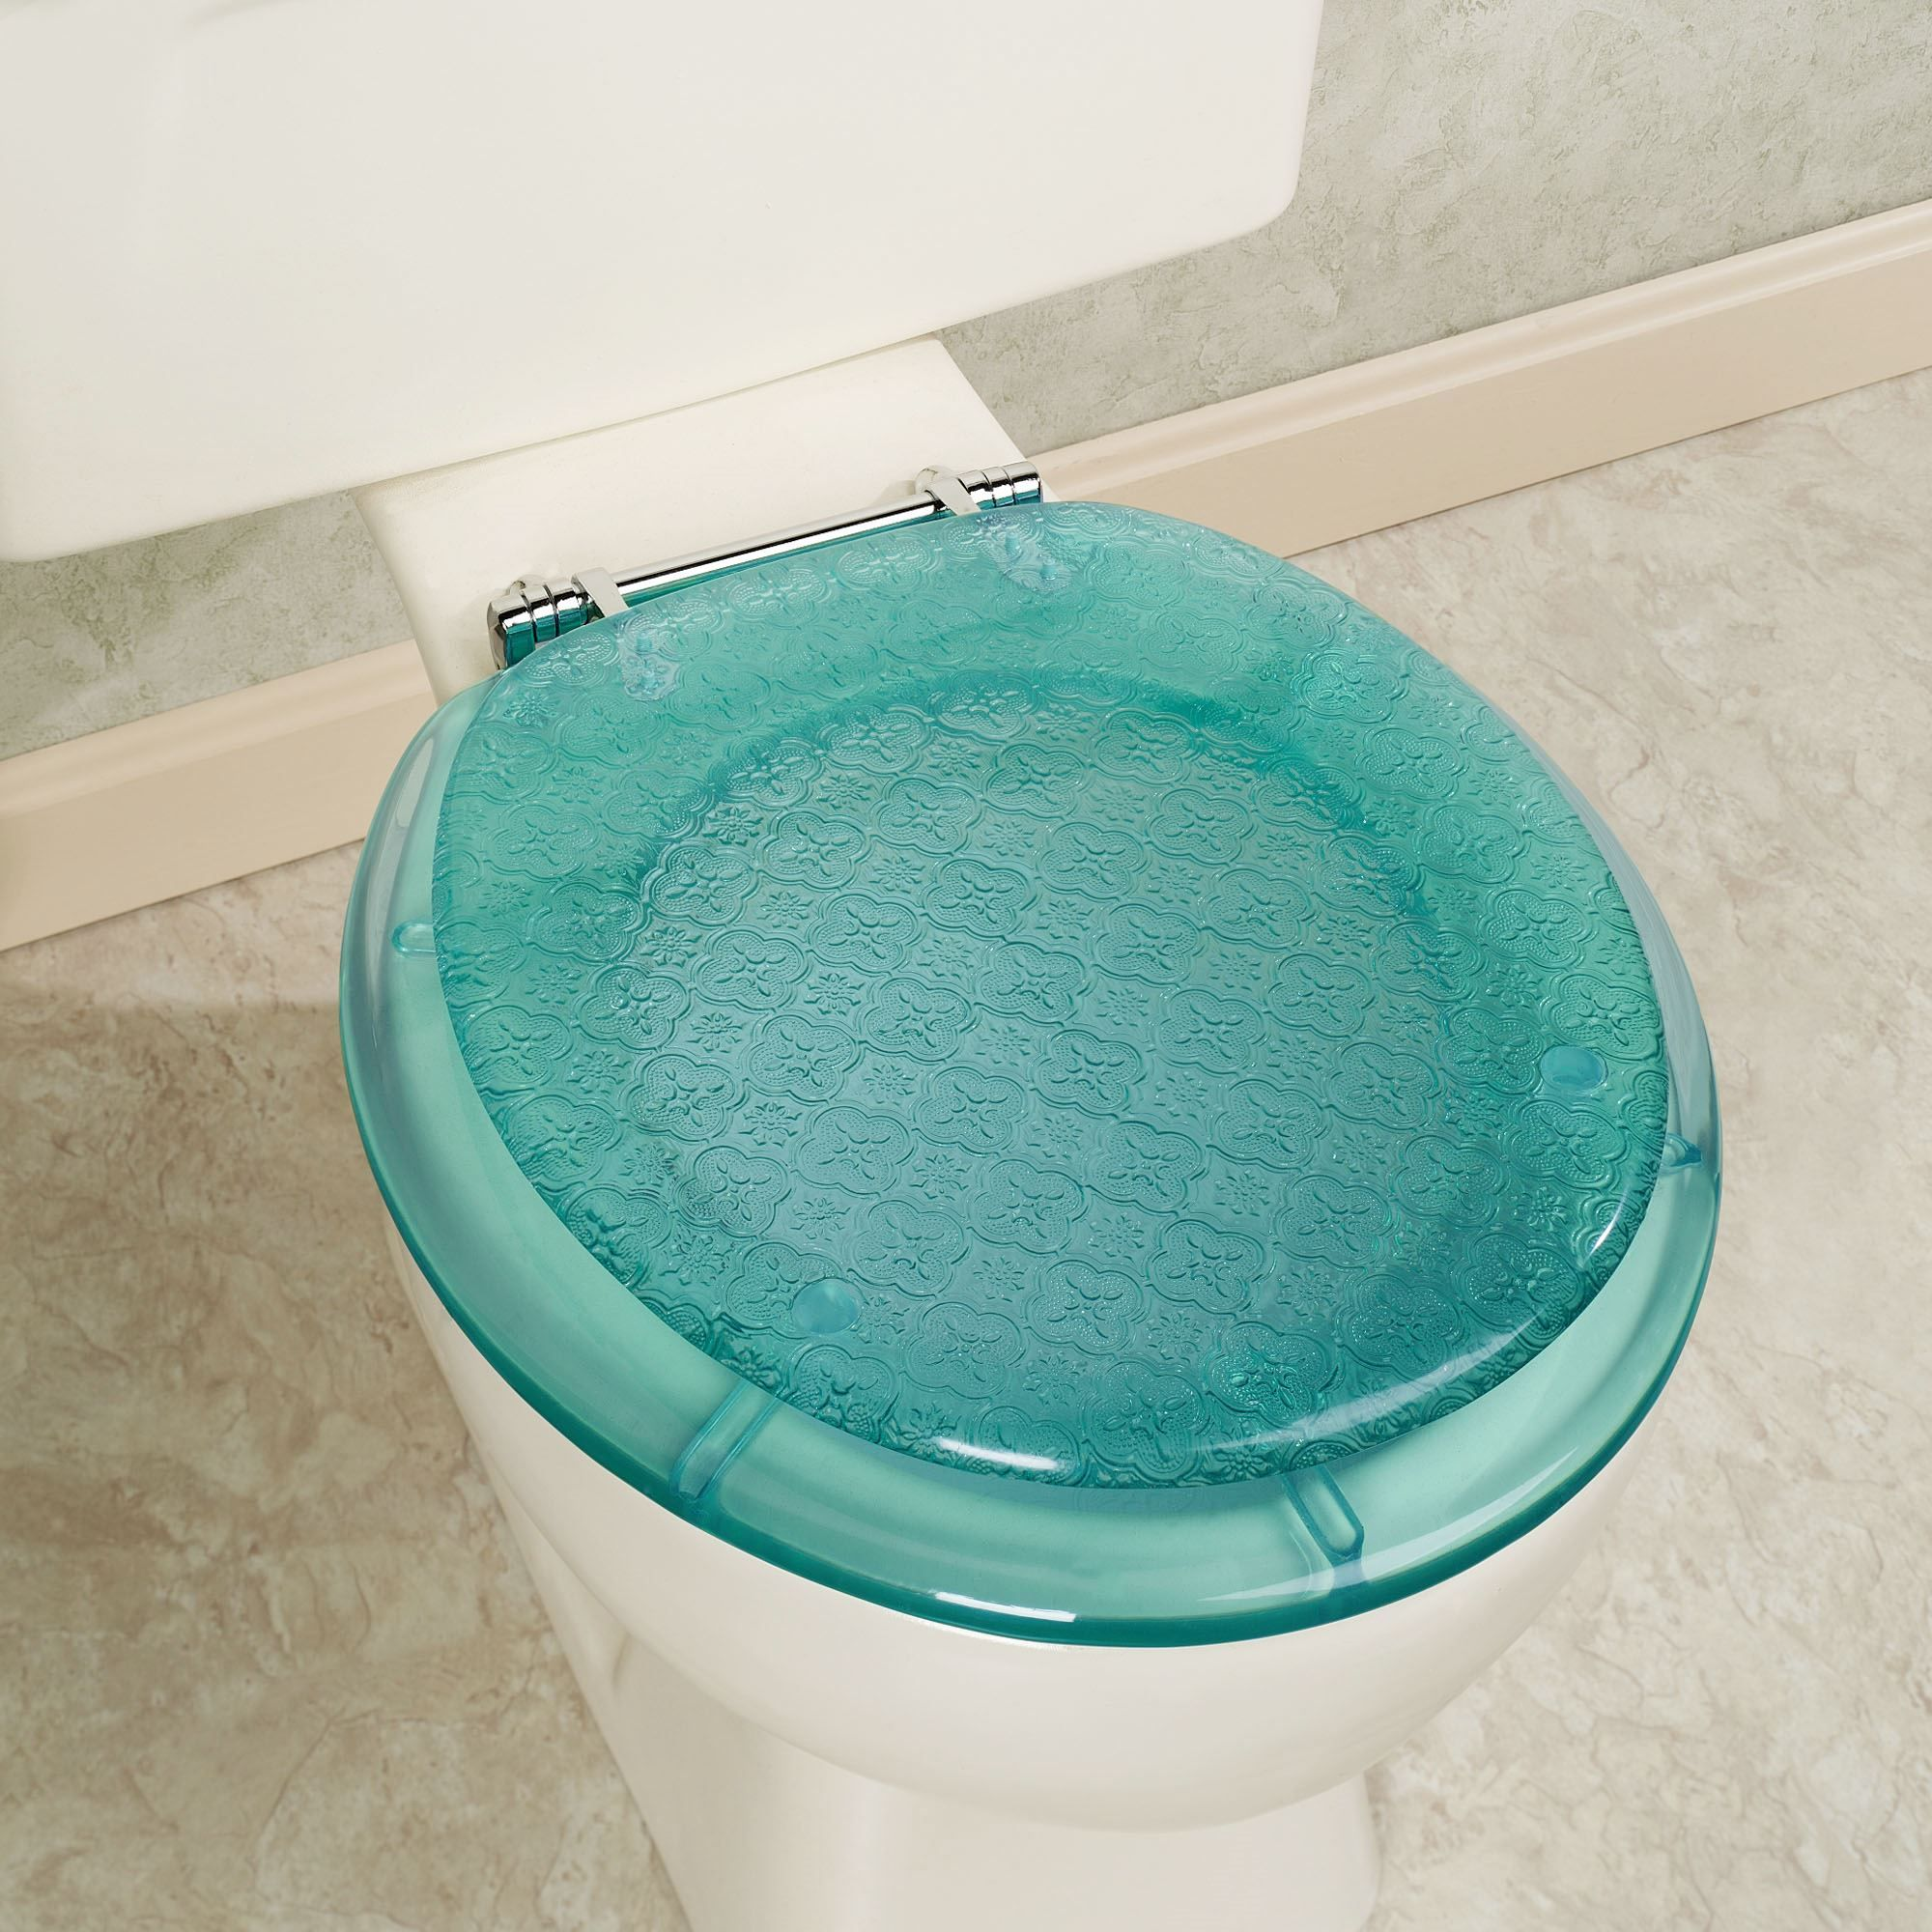 Vesta Teal Decorative Toilet Seat Toilet Toilet Seat